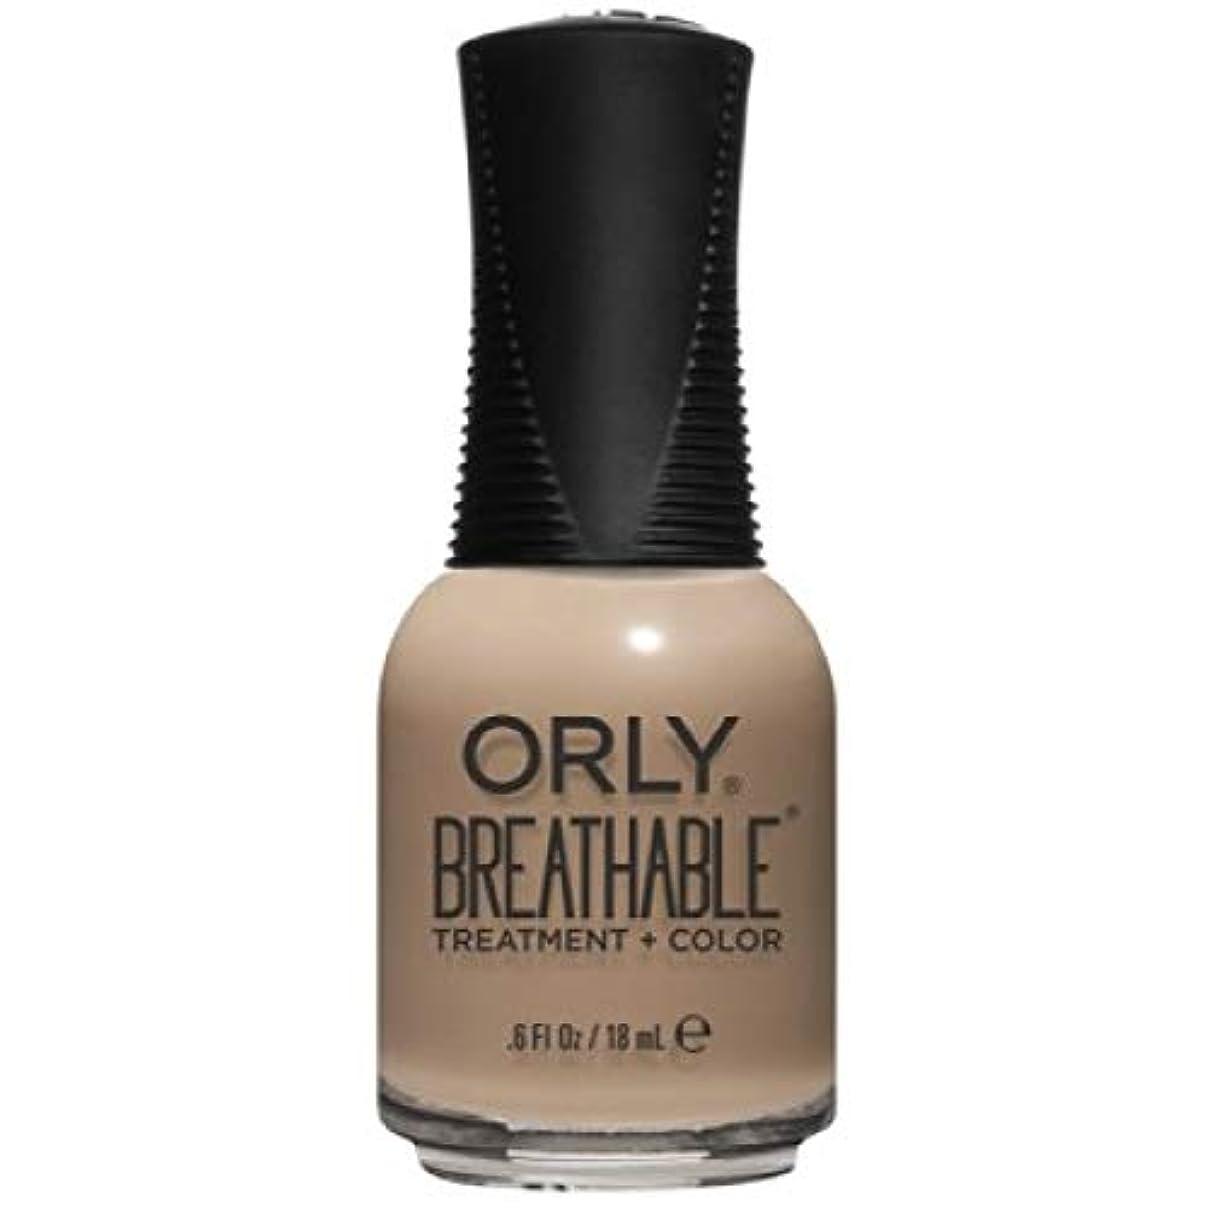 凝縮する理解実行可能Orly Breathable Nail Lacquer - Treatment + Color - Bare Necessity - 0.6 oz / 18 mL